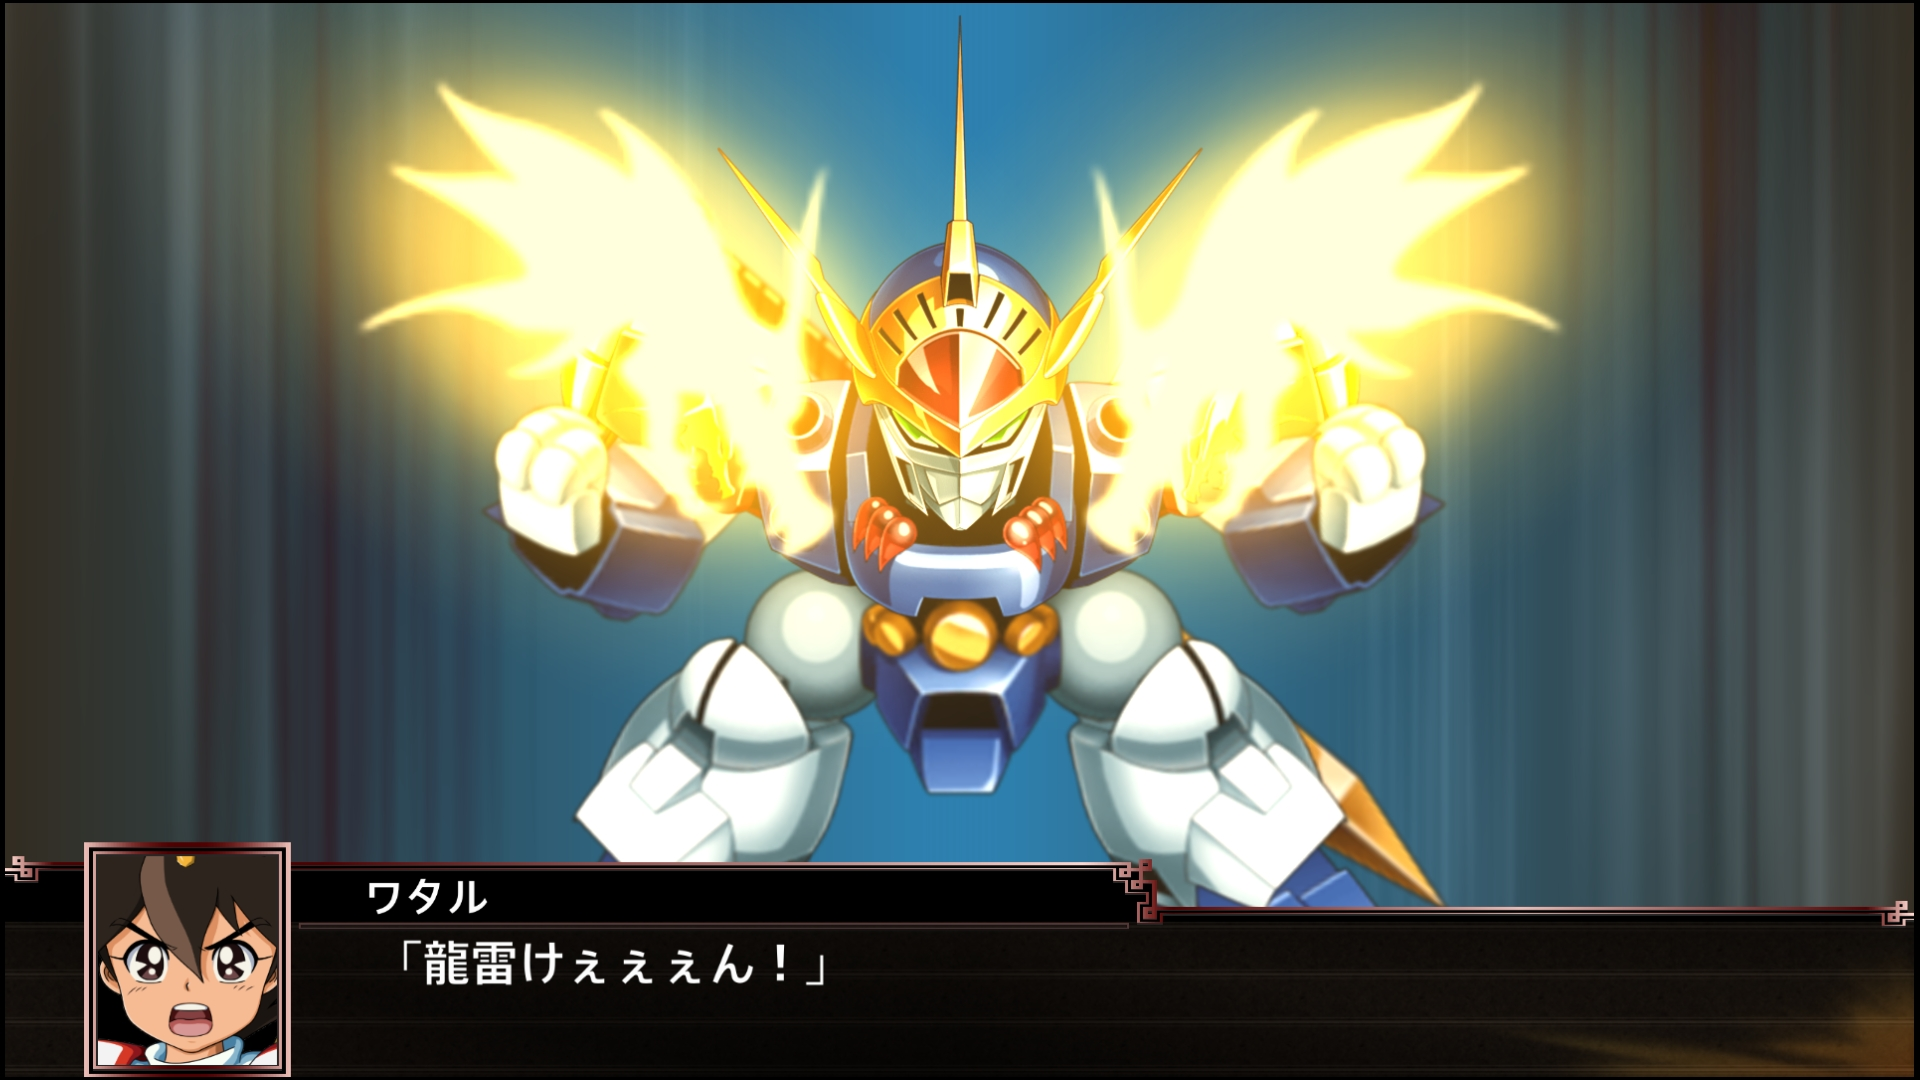 スーパーロボット大戦Xの画像 p1_31